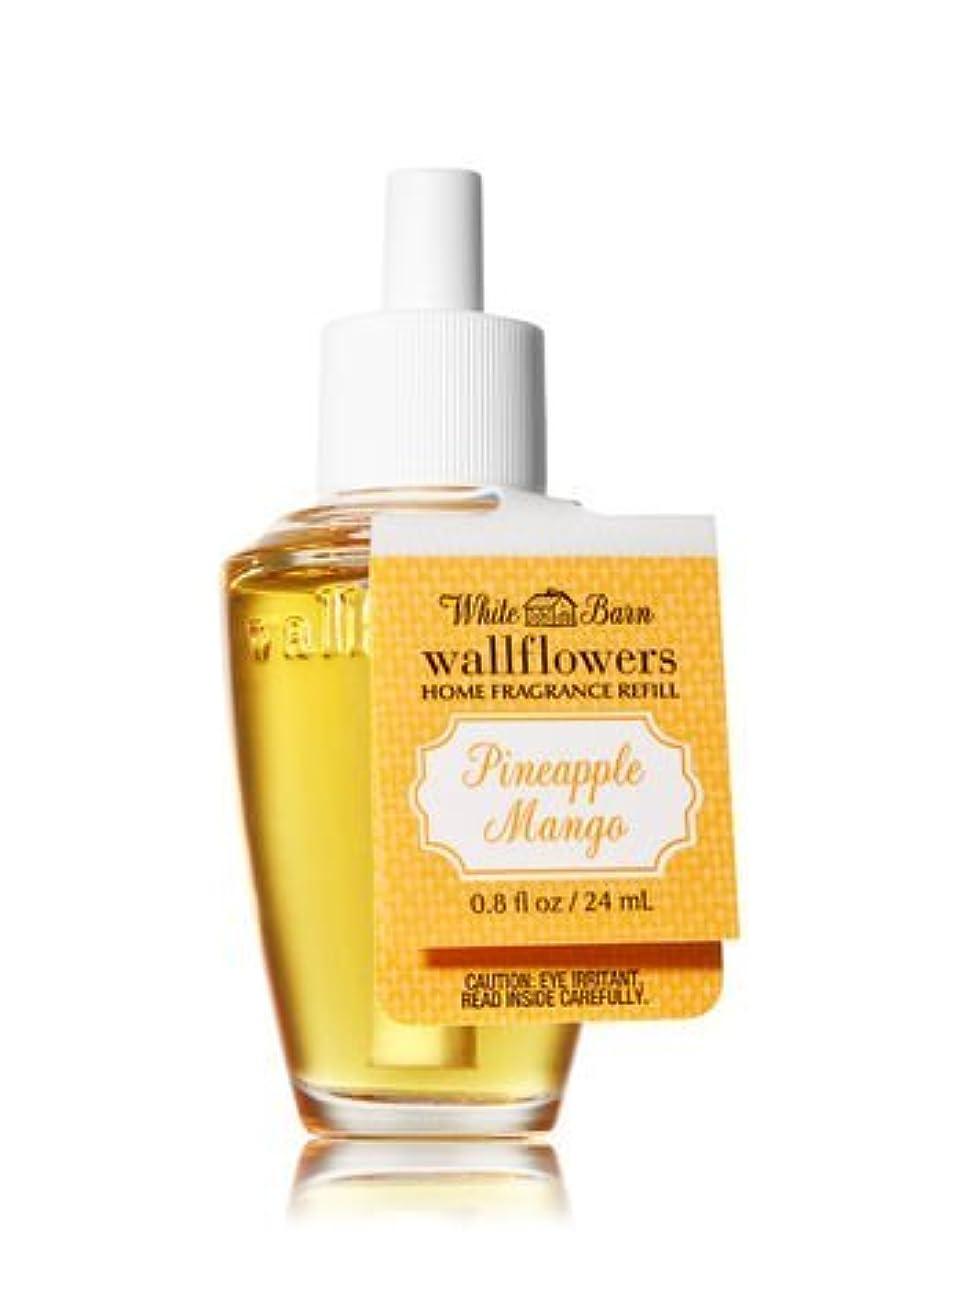 衣装決済管理【Bath&Body Works/バス&ボディワークス】 ルームフレグランス 詰替えリフィル パイナップルマンゴー Wallflowers Home Fragrance Refill Pineapple Mango [並行輸入品]